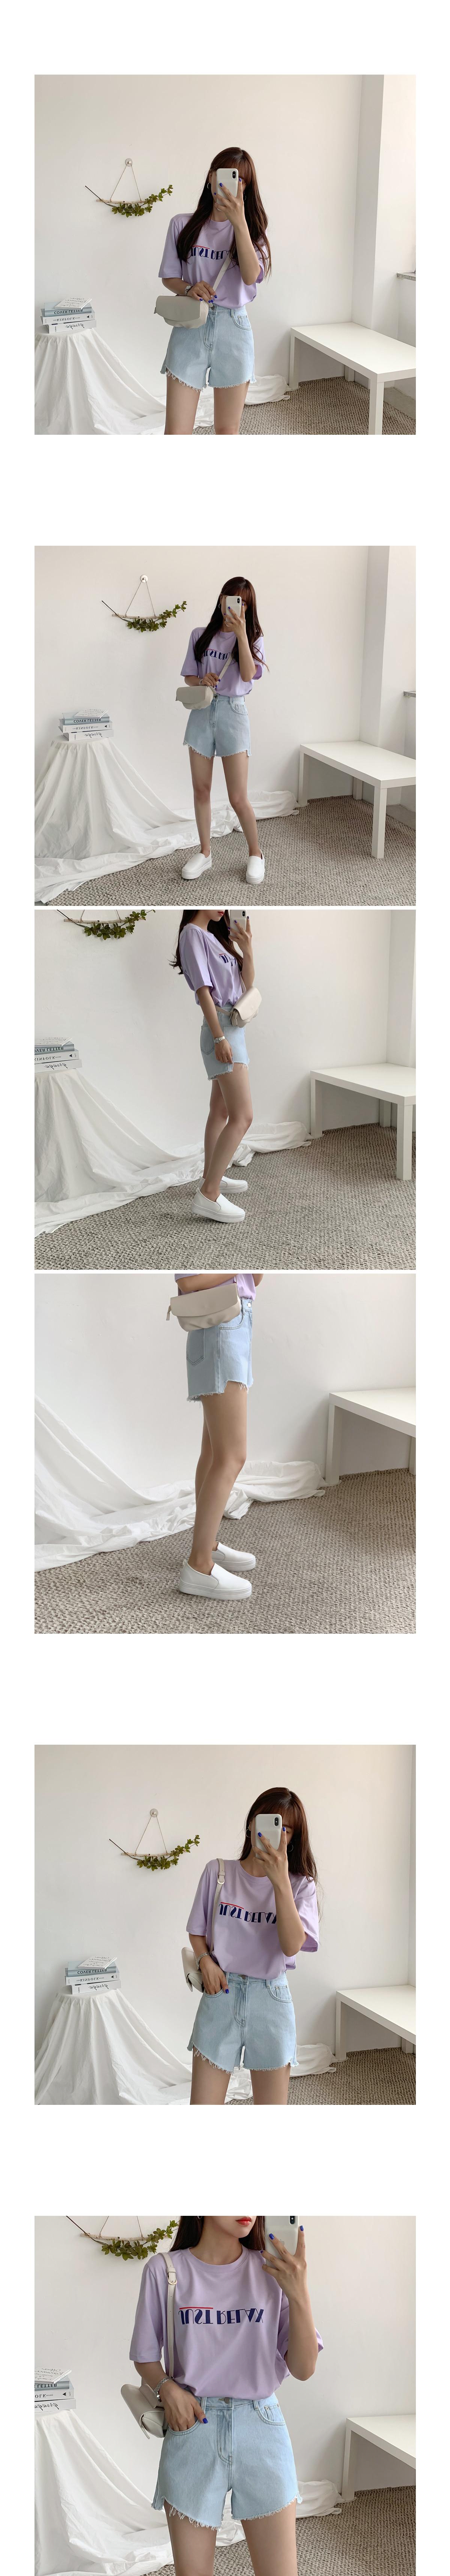 Slacking hot pants